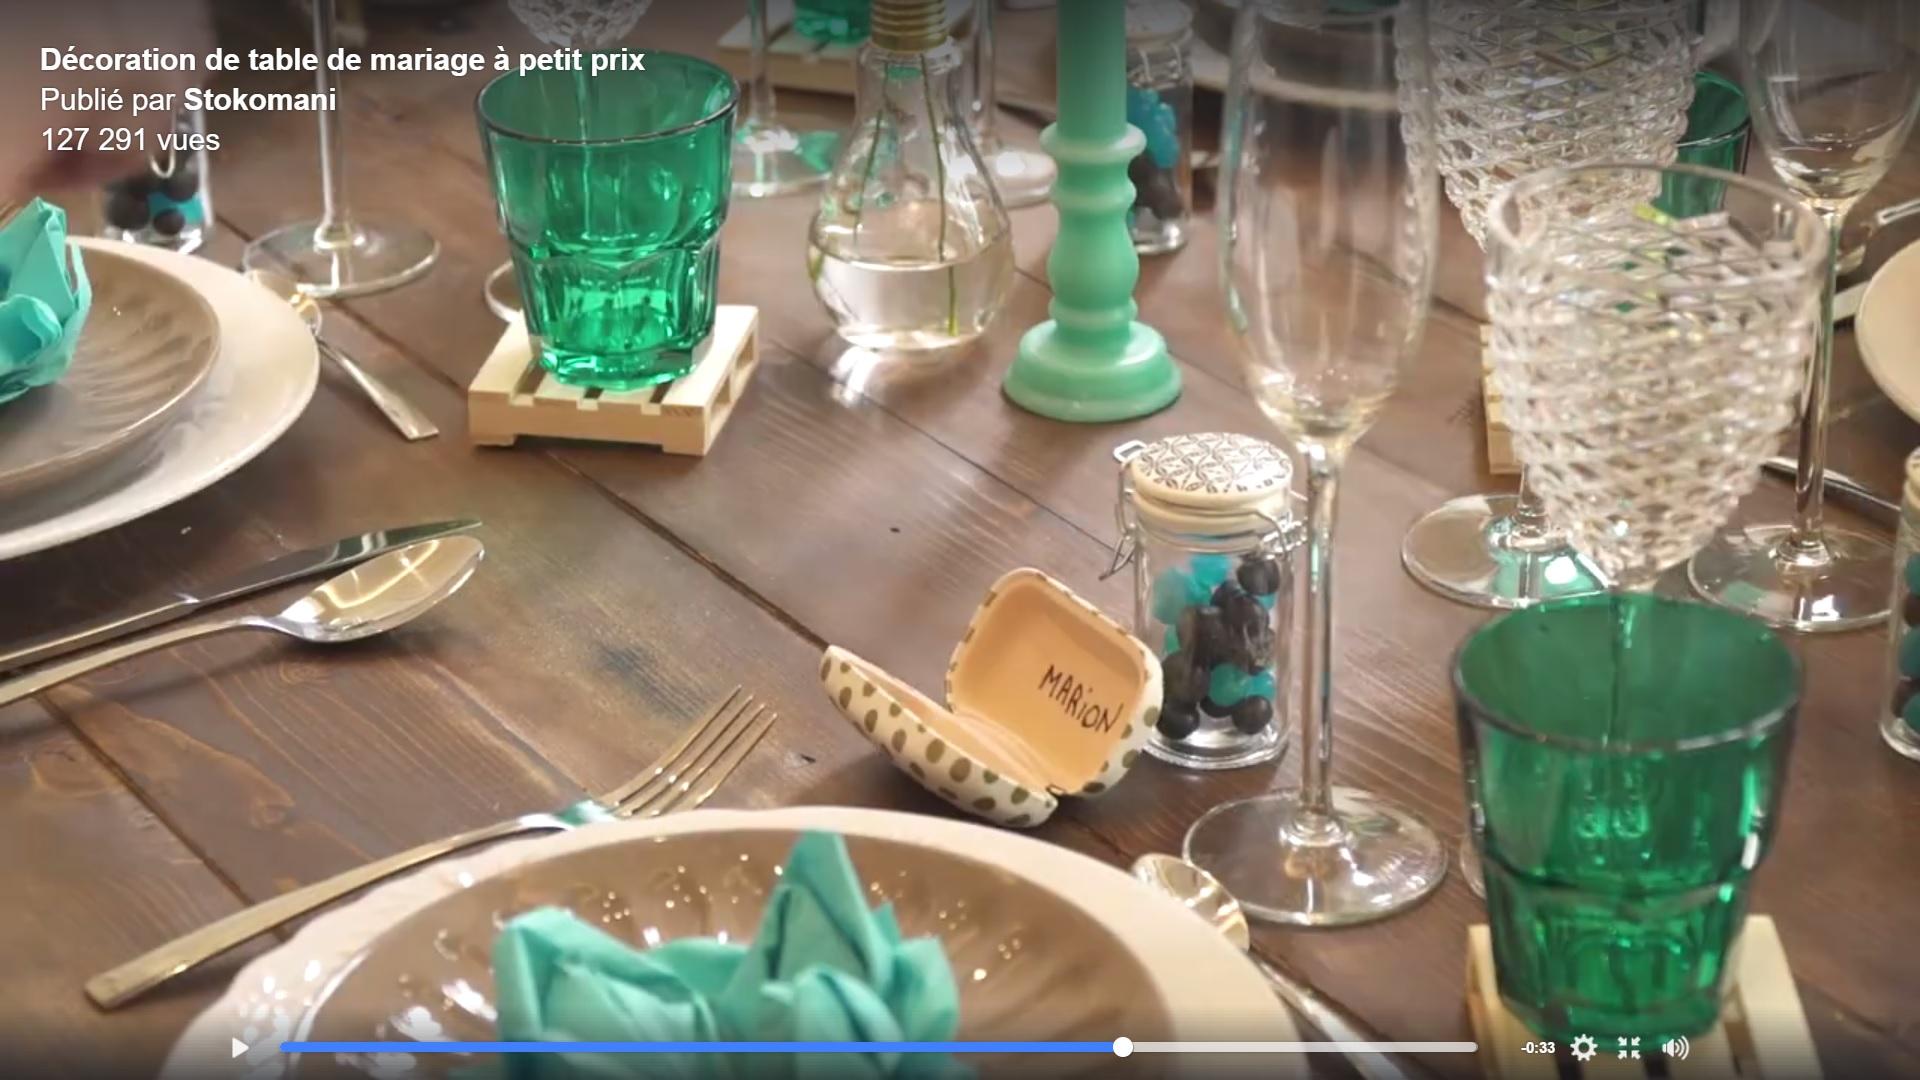 Réaliser une jolie table de mariage chez Stokomani